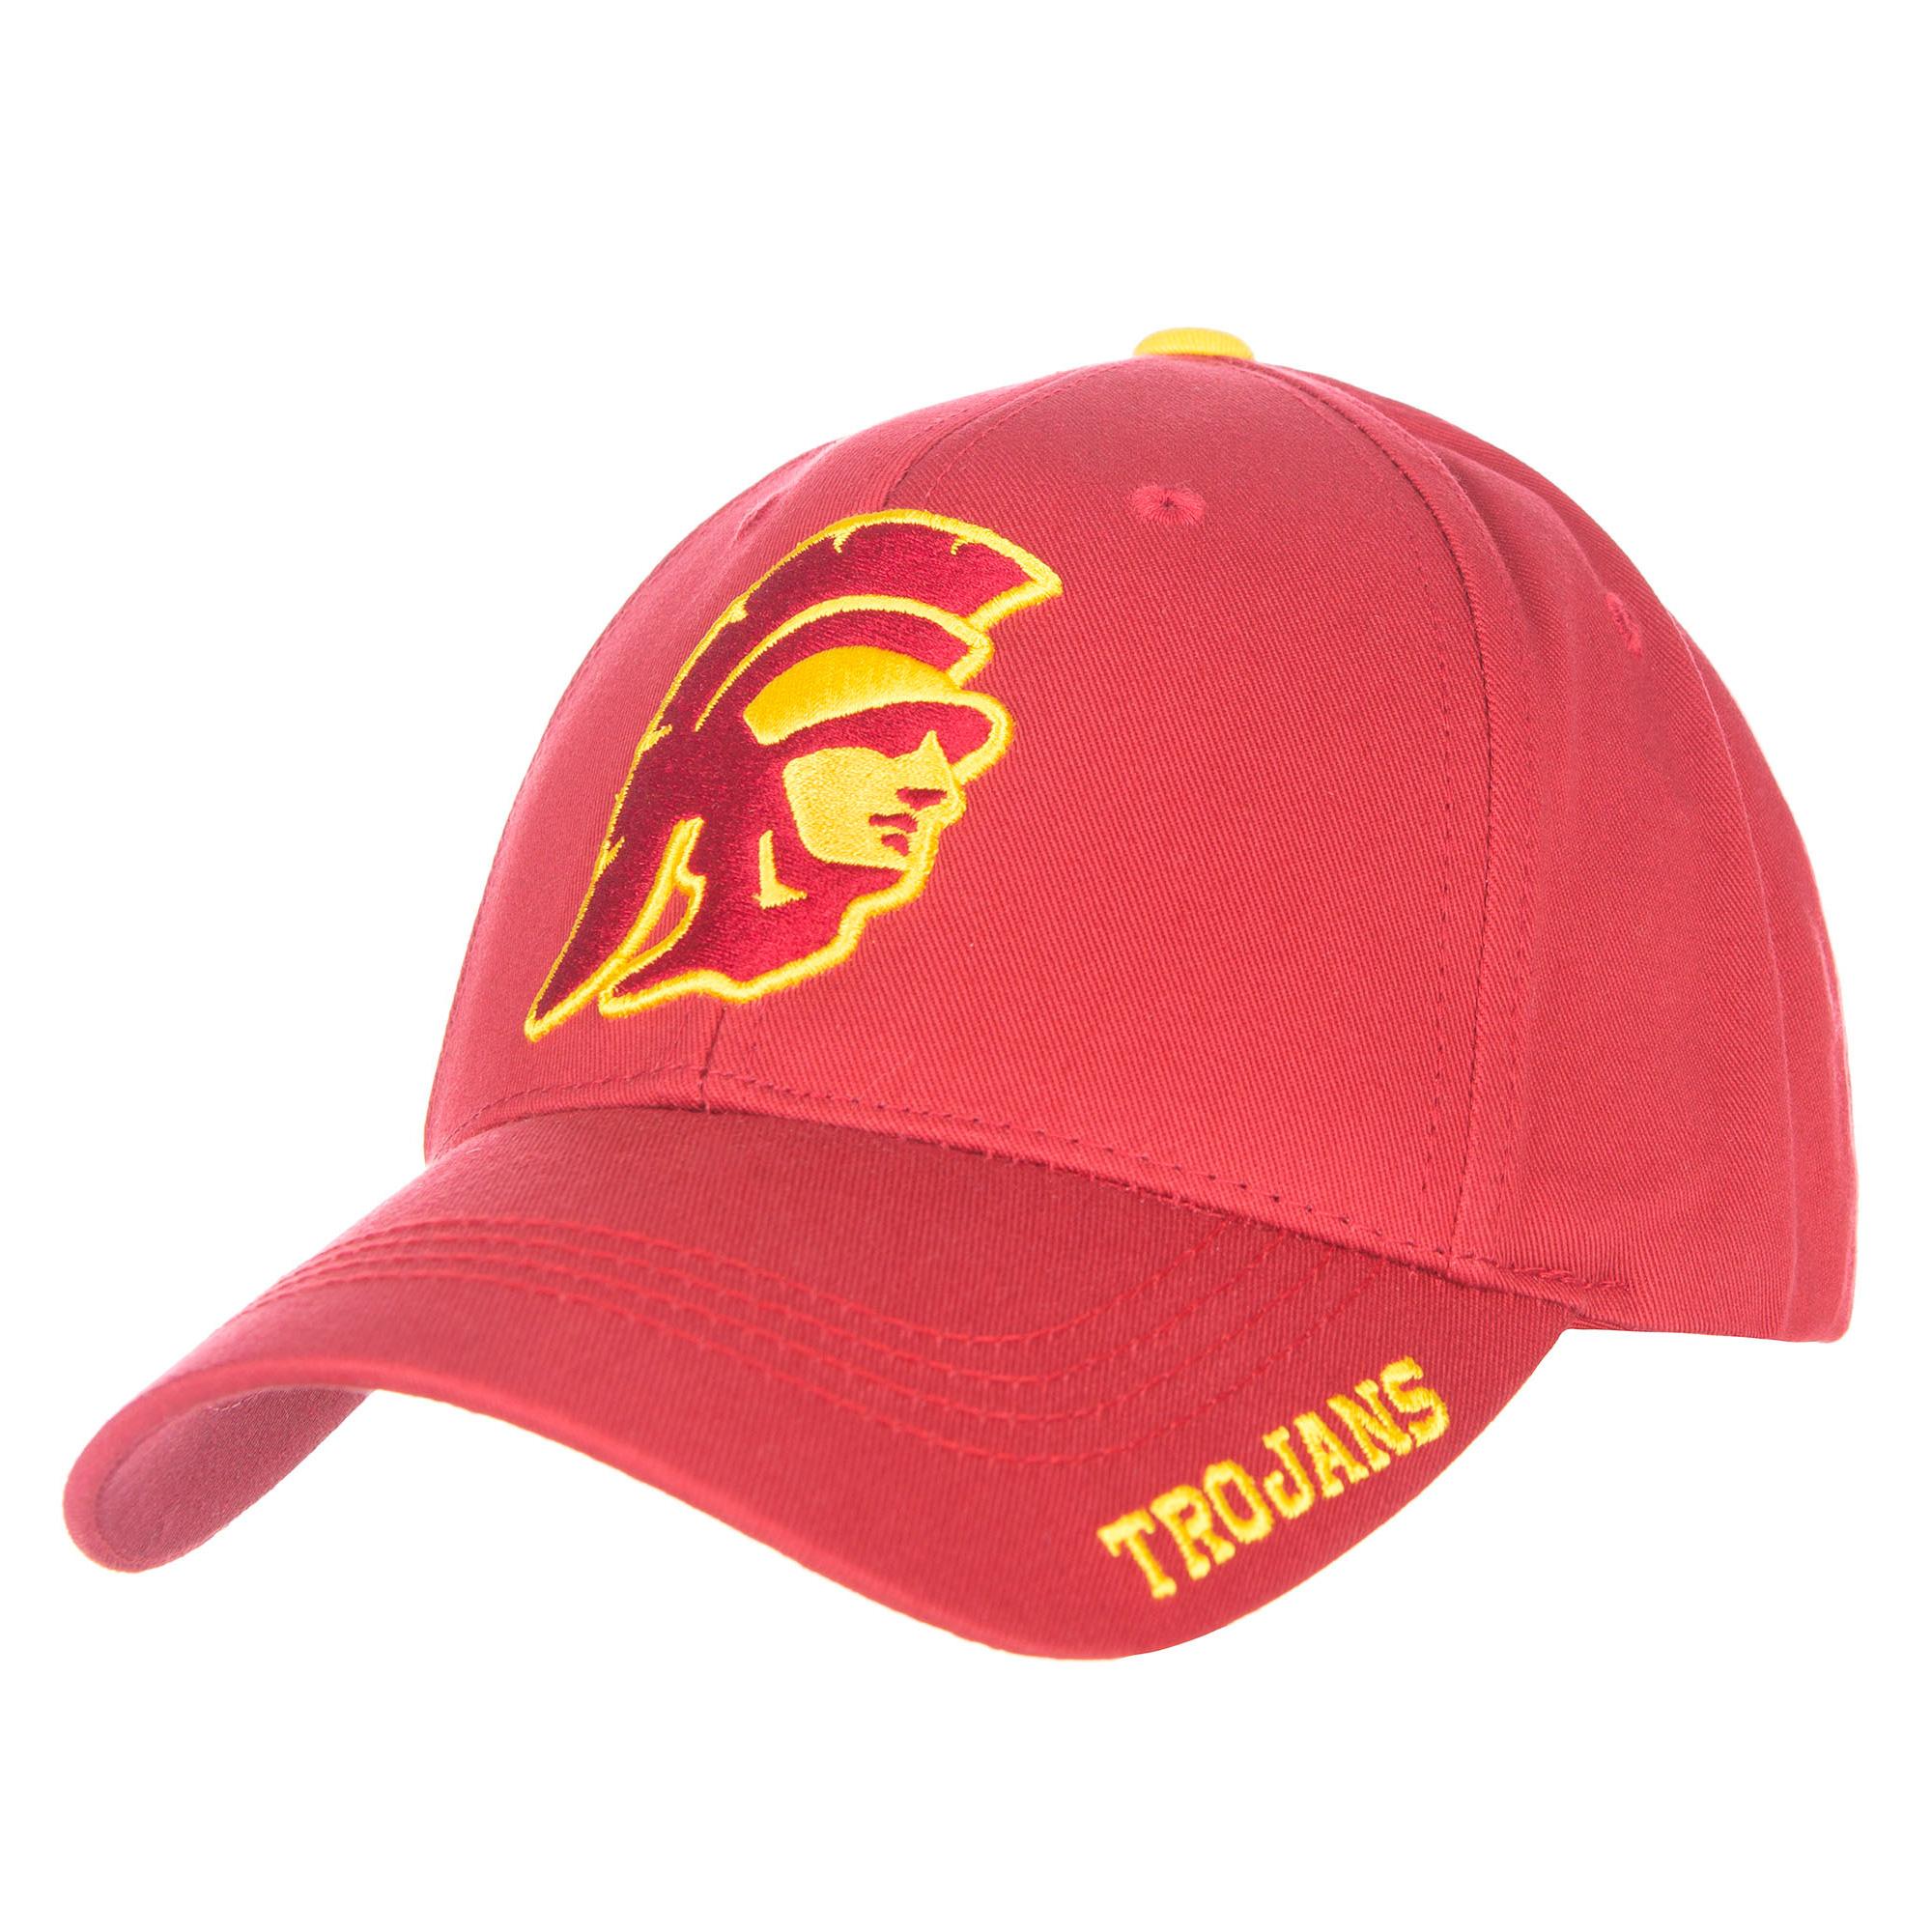 Men's Cardinal USC Trojans Kingman Adjustable Hat - OSFA